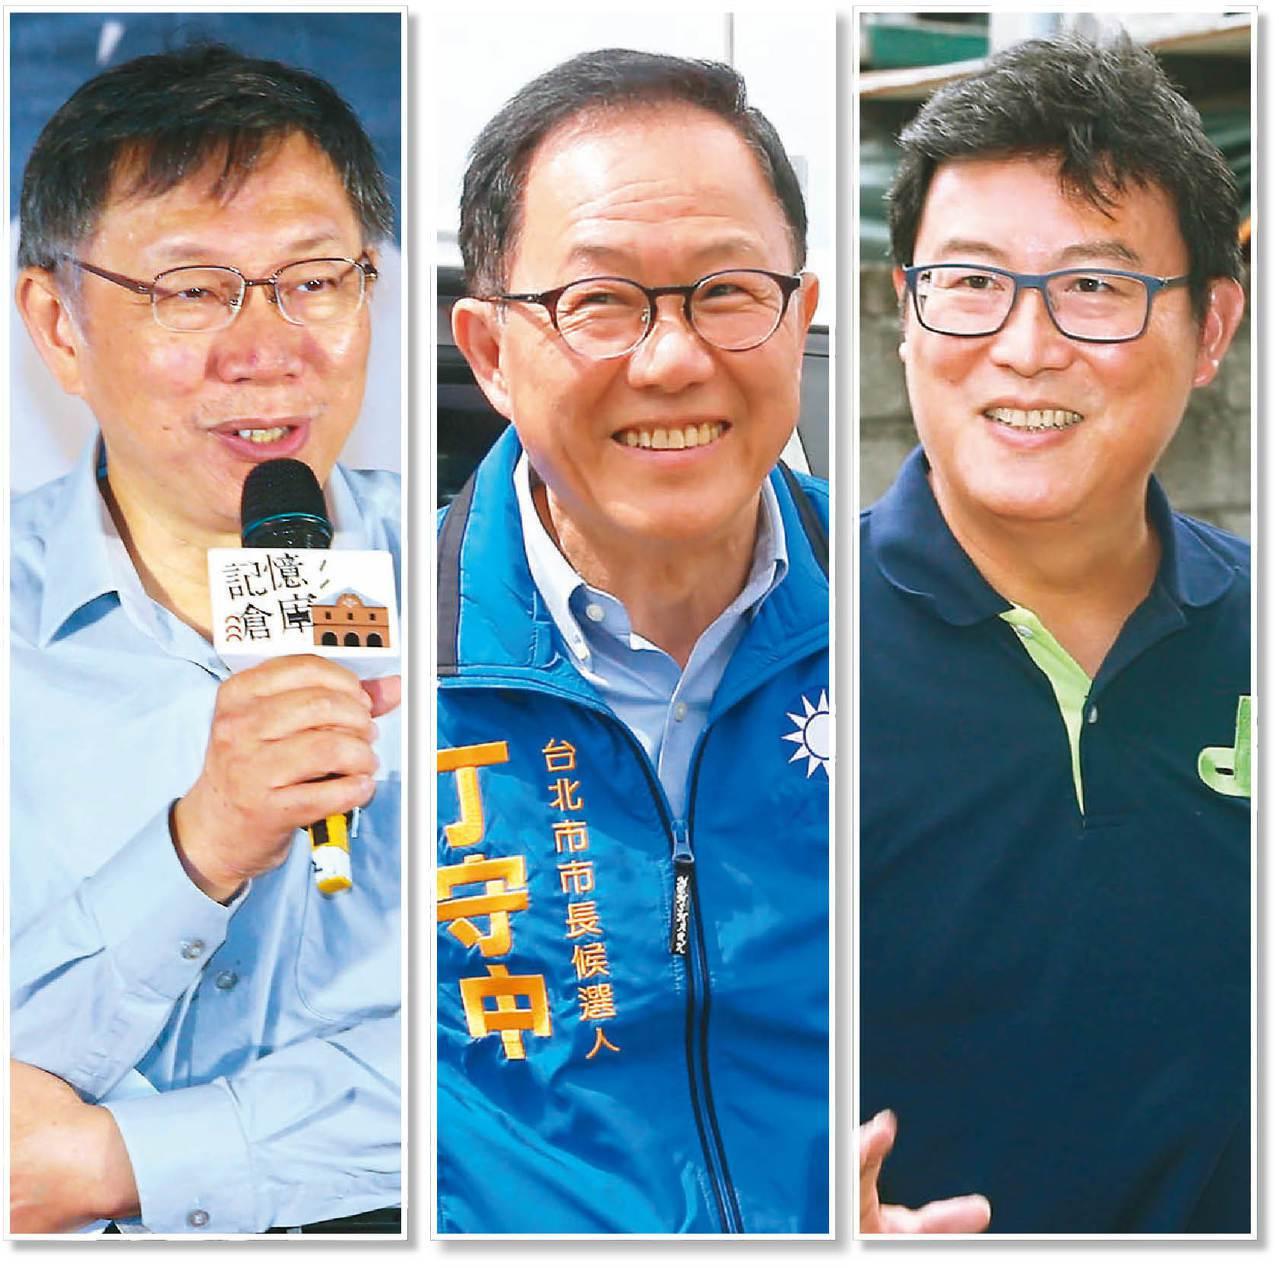 台北市長選戰轉趨緊繃。本報民調顯示,九月下旬還領先國民黨丁守中(中)八個百分點的...